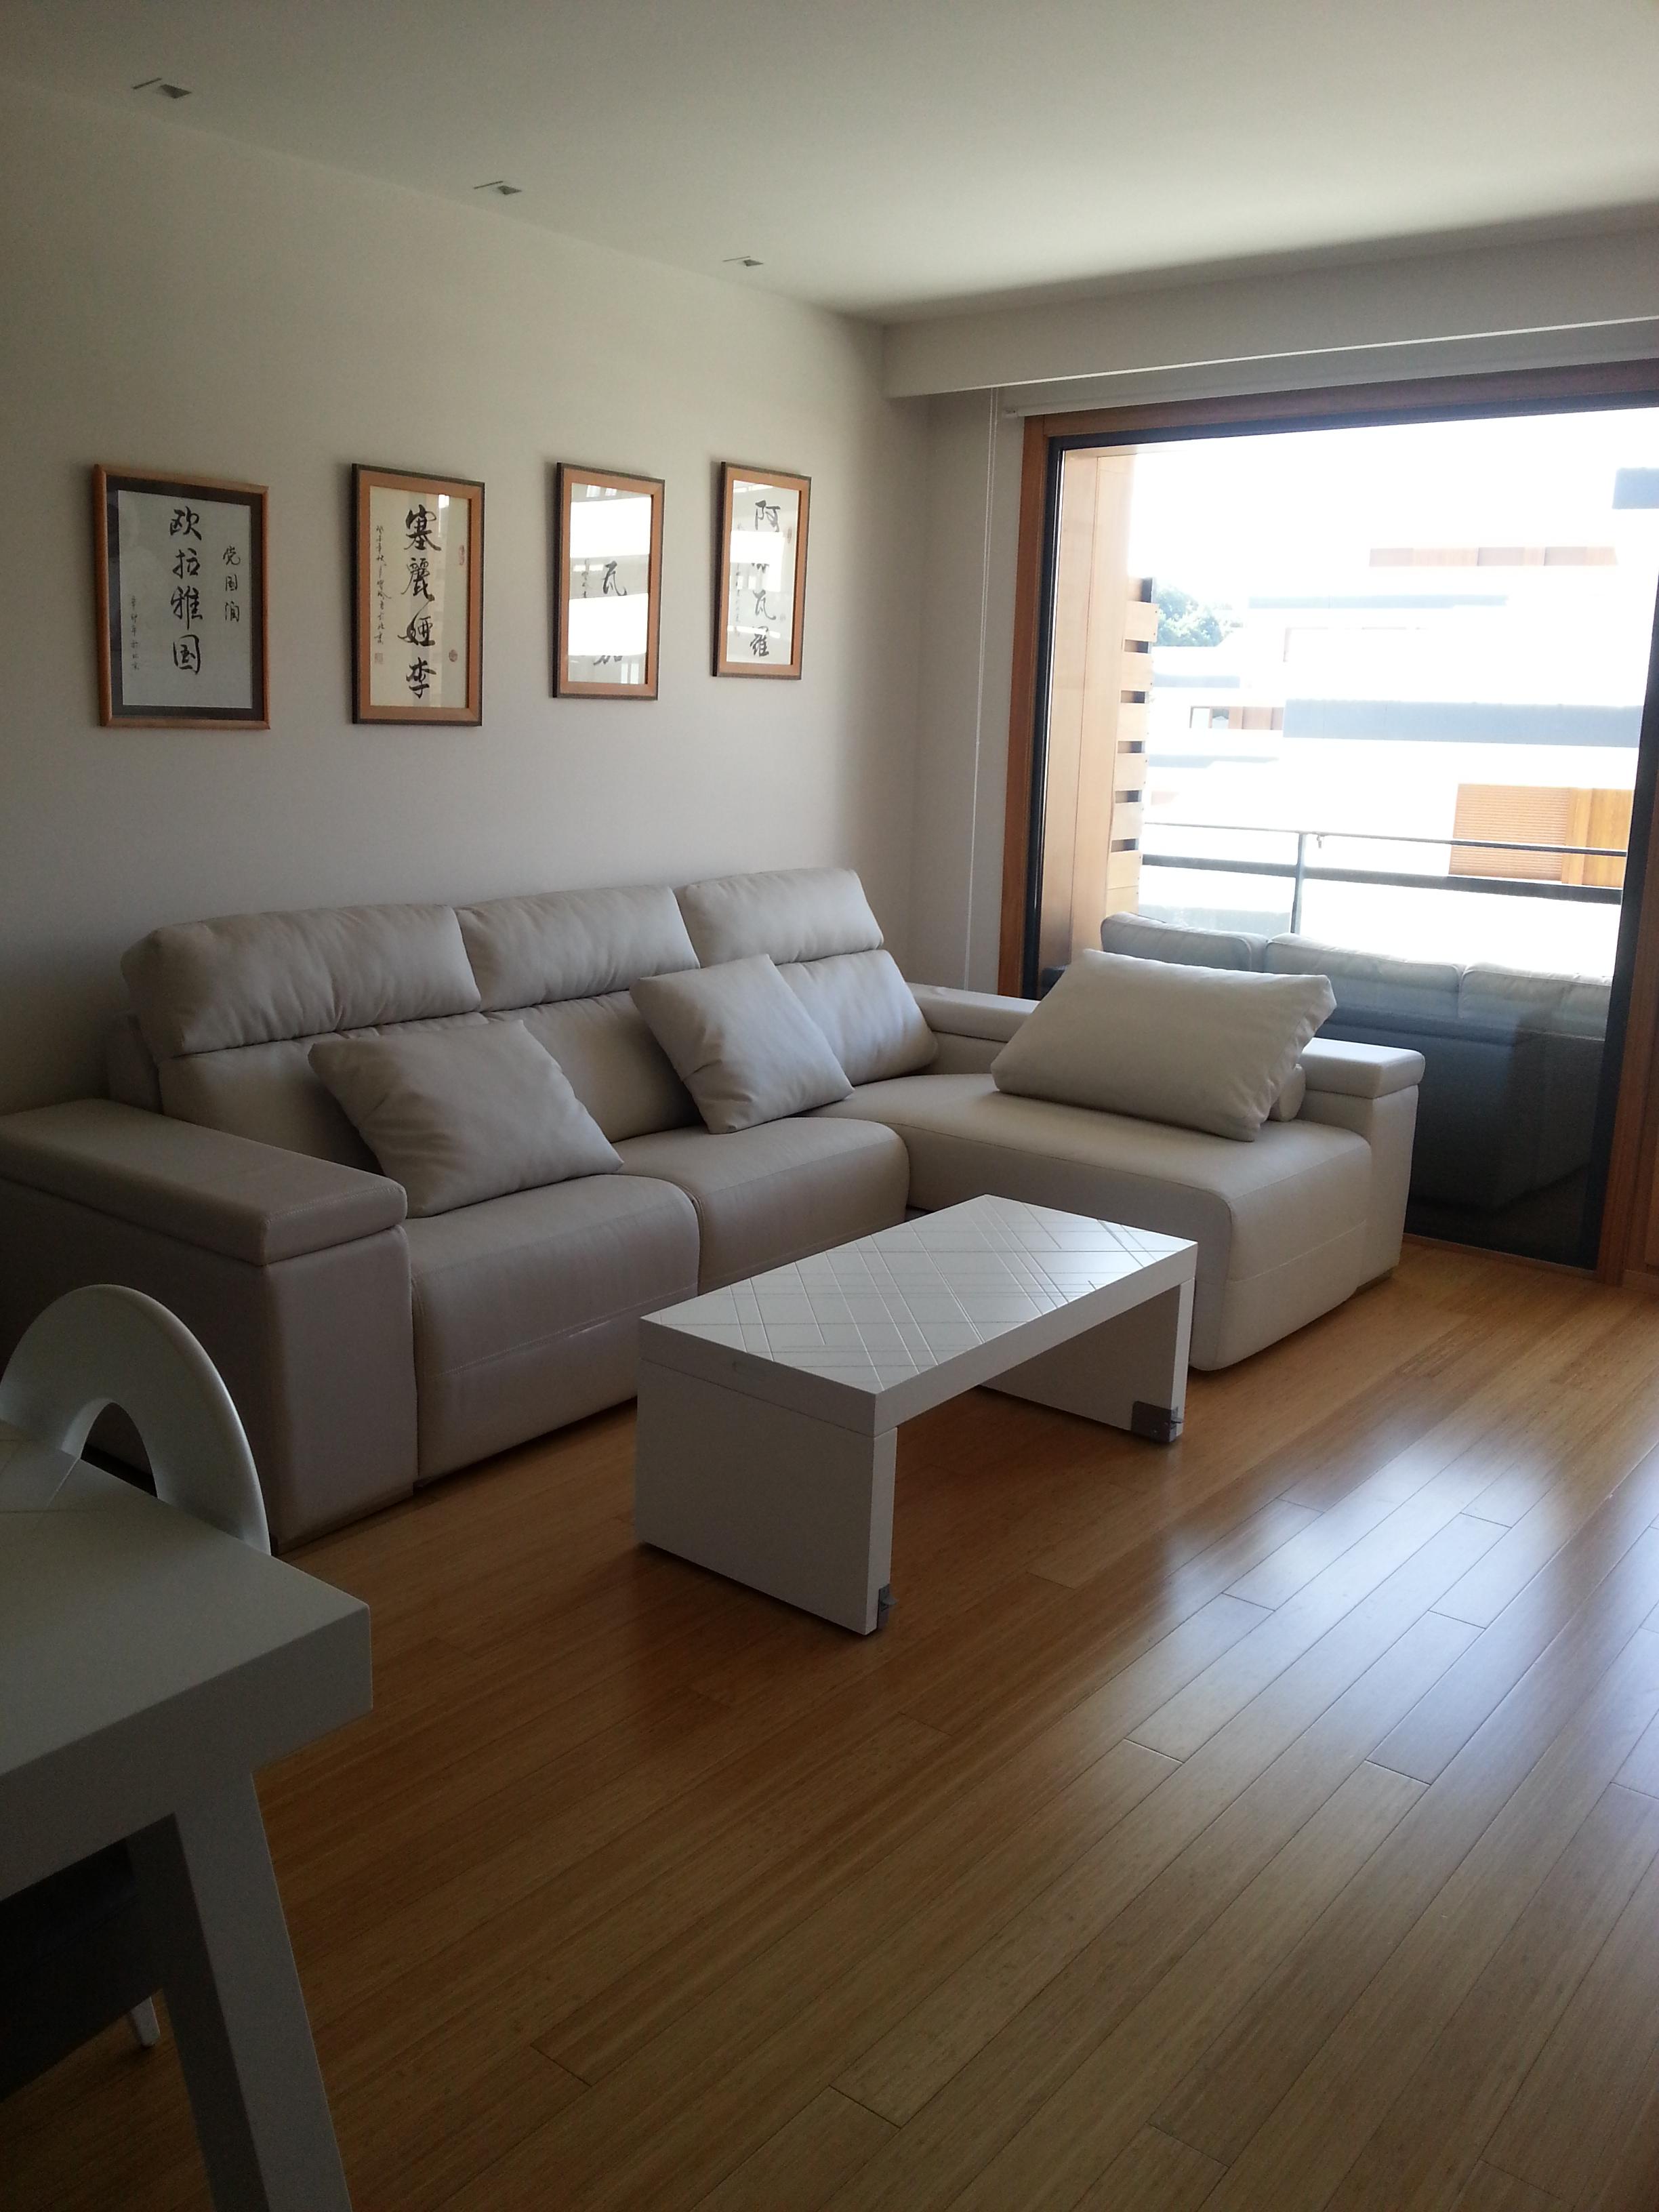 Sofá de dos asientos relax eléctricos y chaislonge abatible.